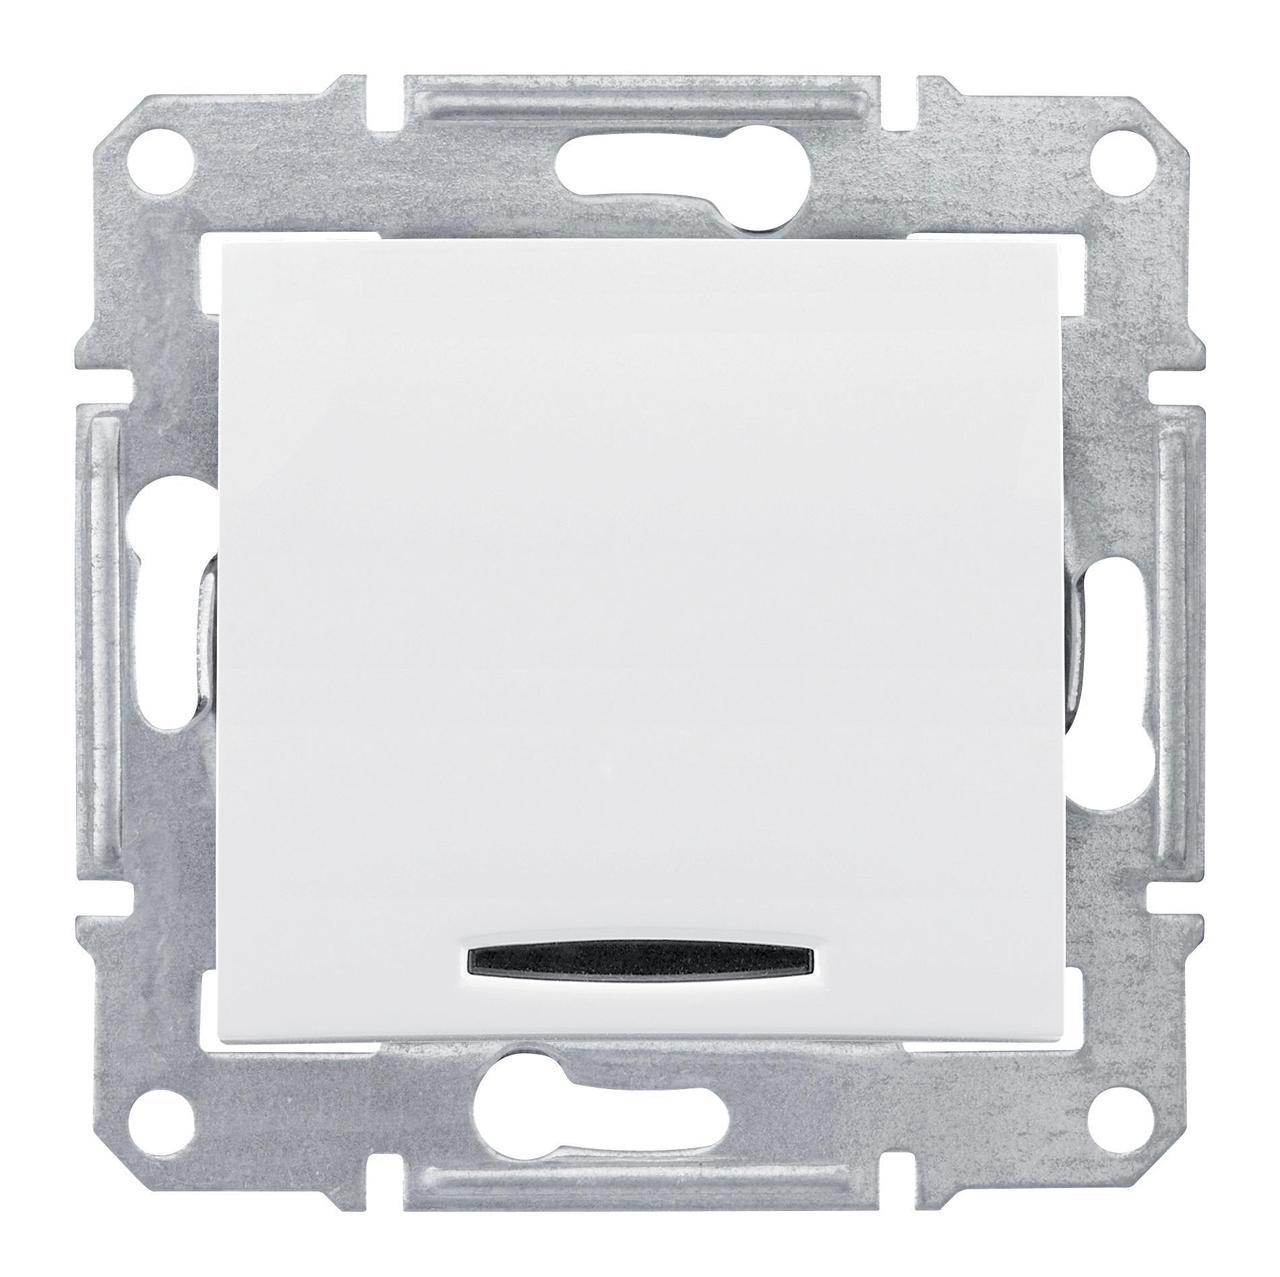 Выключатель 1-клавишный; кнопочный с подсветкой , Белый, серия Sedna, Schneider Electric